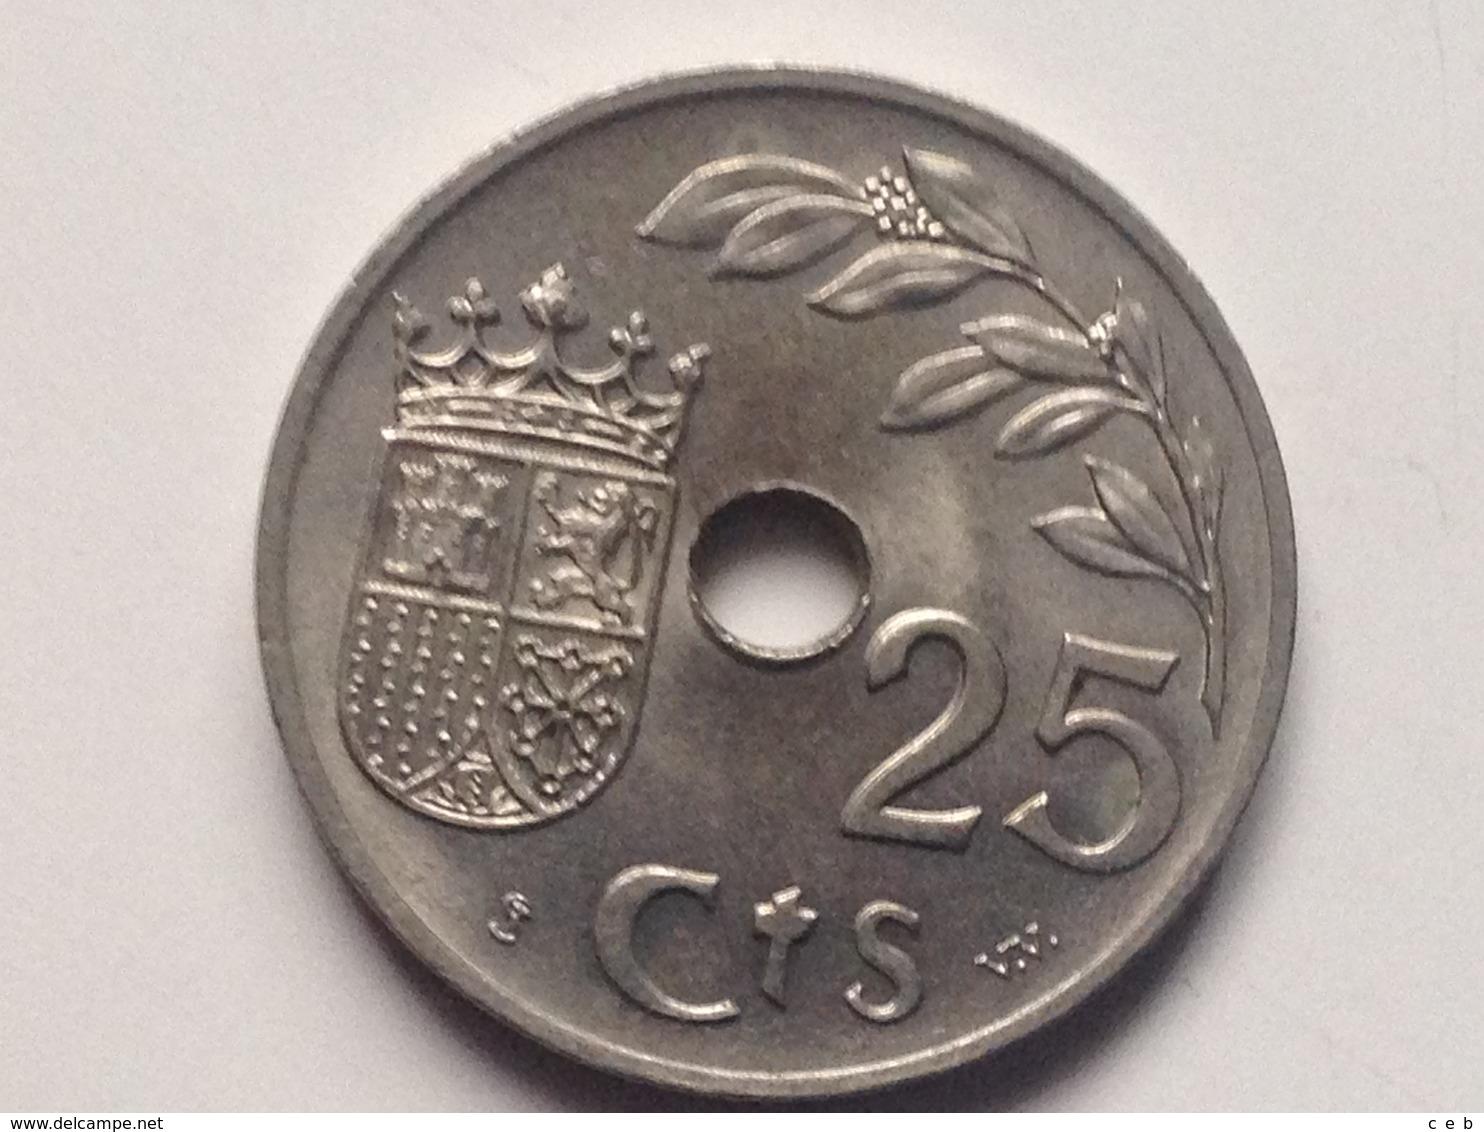 Moneda 25 Céntimos. 1937. Falange. Guerra Civil. II Año Triunfal. España. General Franco. Original. Hecha En Viena - Zona Nazionalista